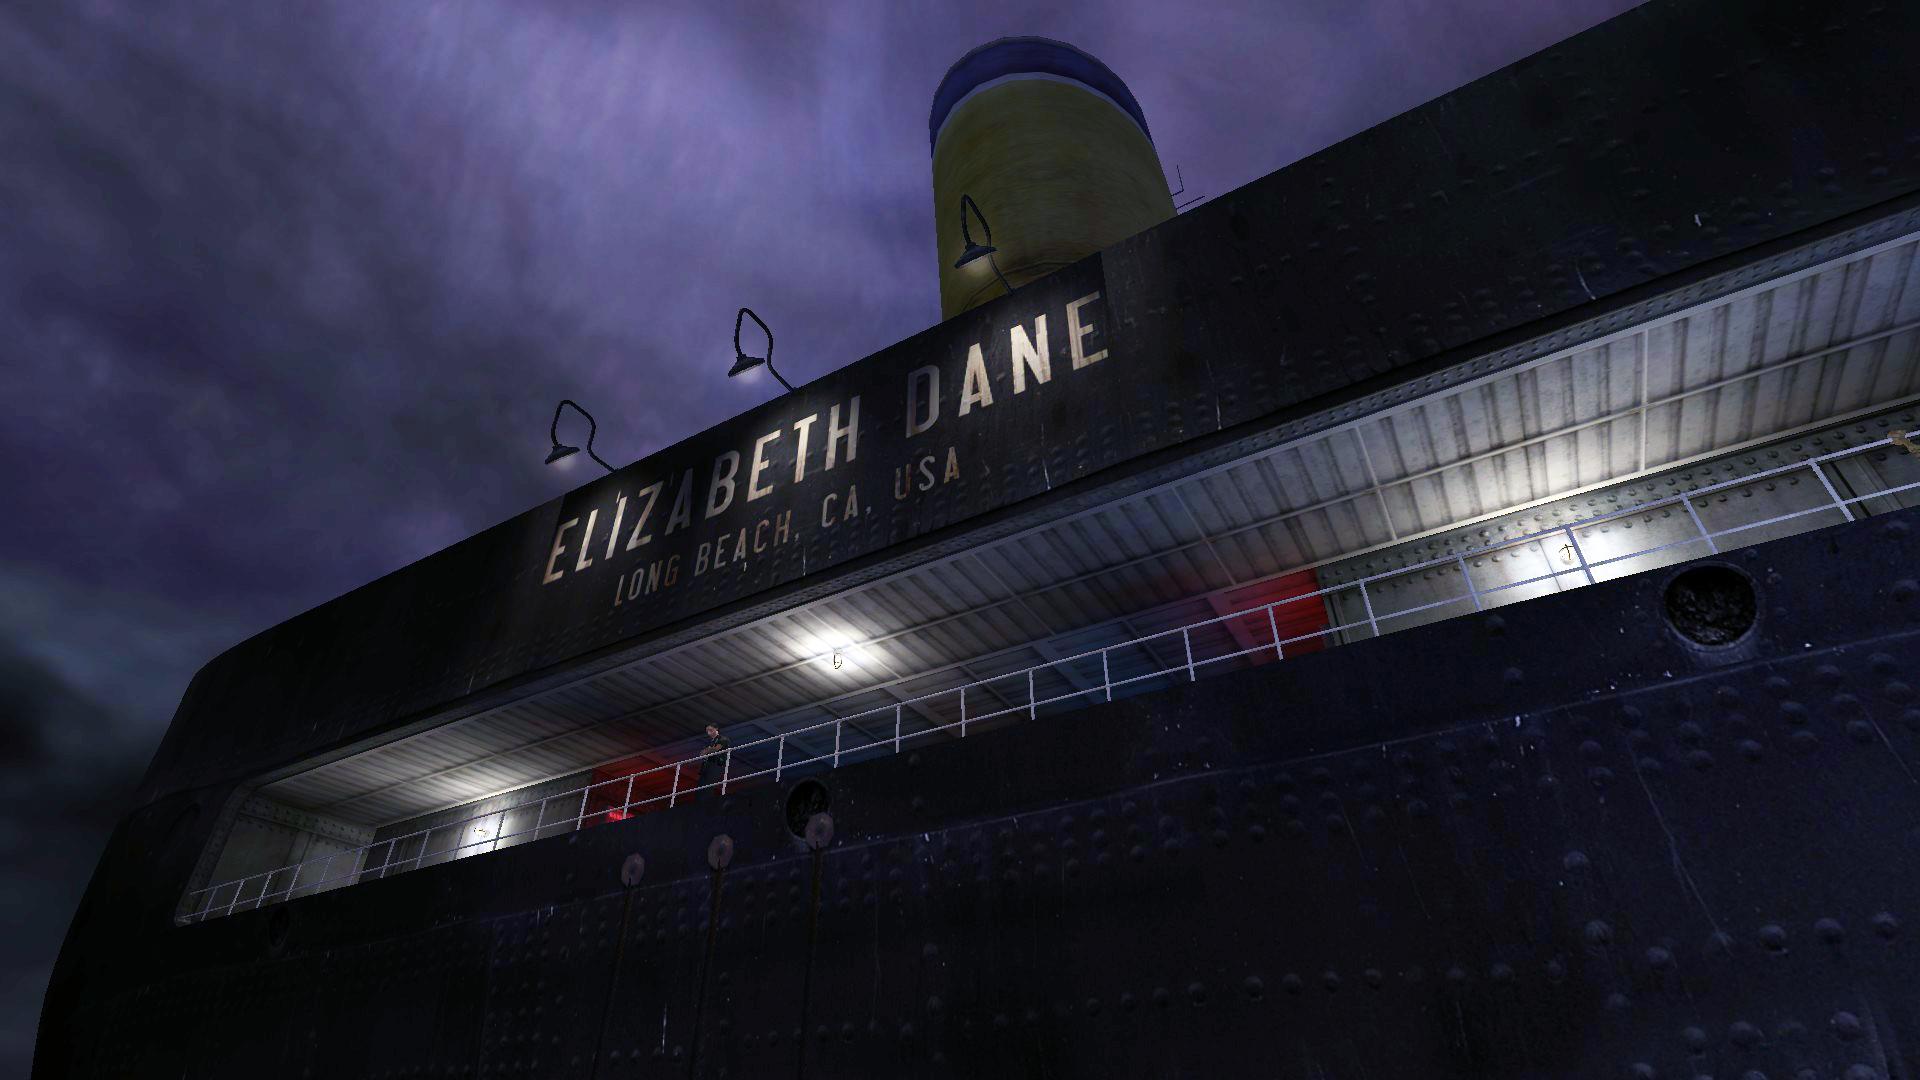 NZ Elizabeth Dane